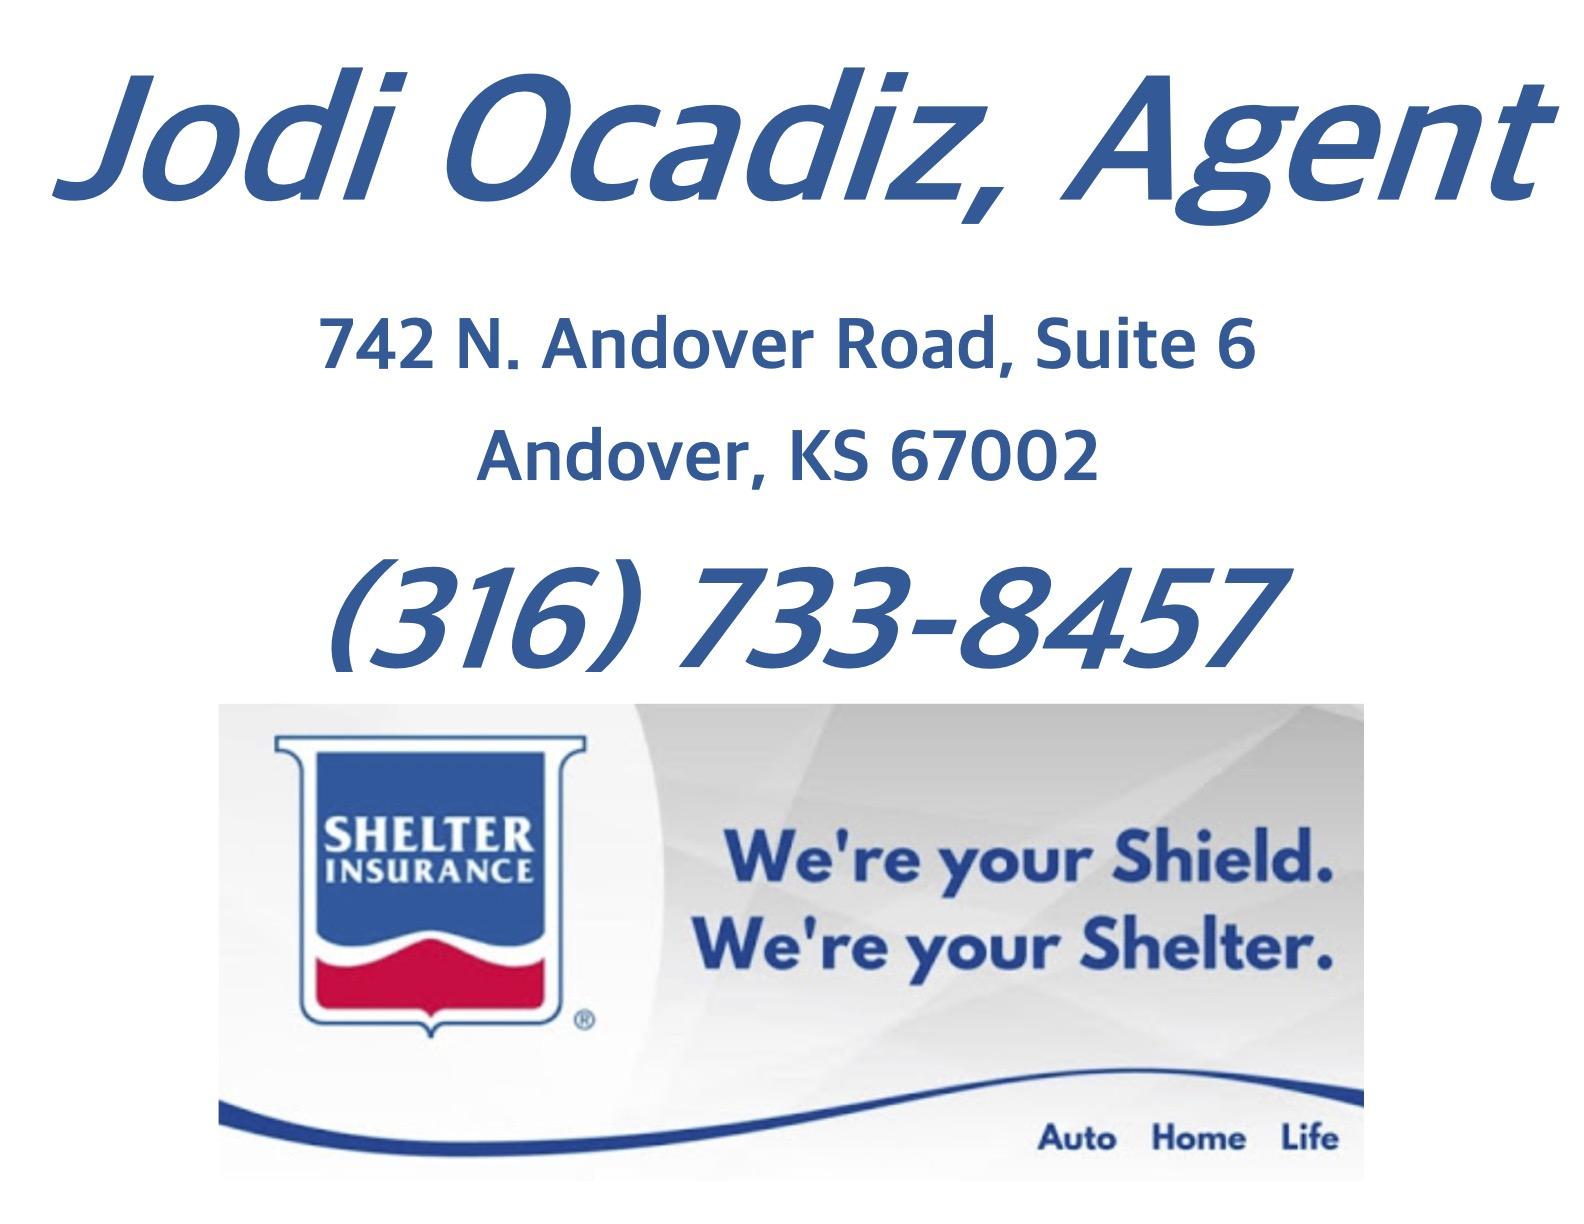 Black & Gold Sponsors - Shelter Insurance - Jodi Ocadiz - Logo